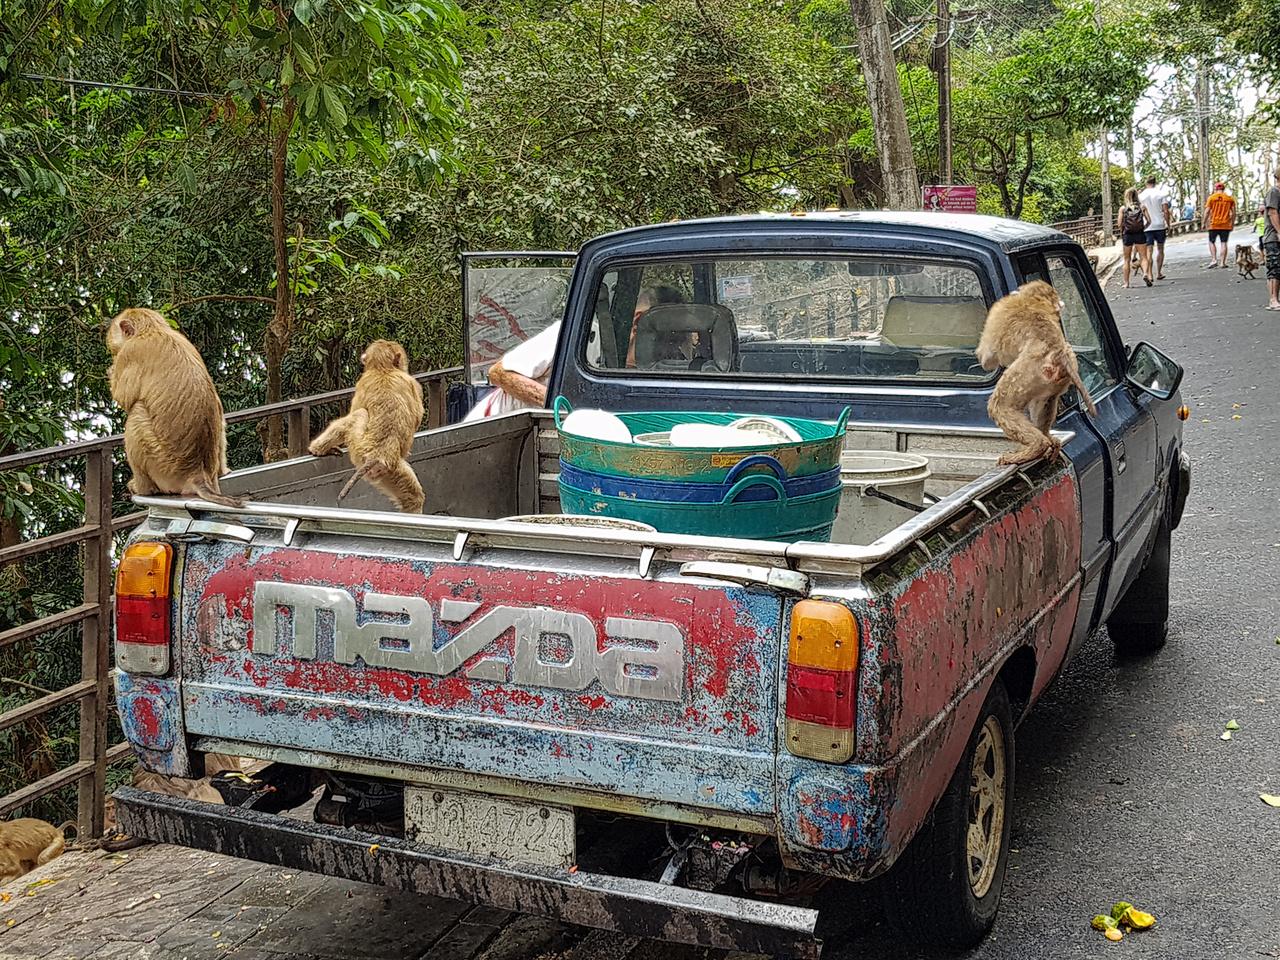 Nem csupán a phuketi Monkey Hillen találkozhatunk majmokkal, sok helyen simán az út szélén szaladgálnak. A sokat látott Mazda pickupot már csak a napi eleségük hegyre cipelésére használják a park alkalmazottai, így legalább a makákók valamivel kevesebbet lopnak a látogatóktól